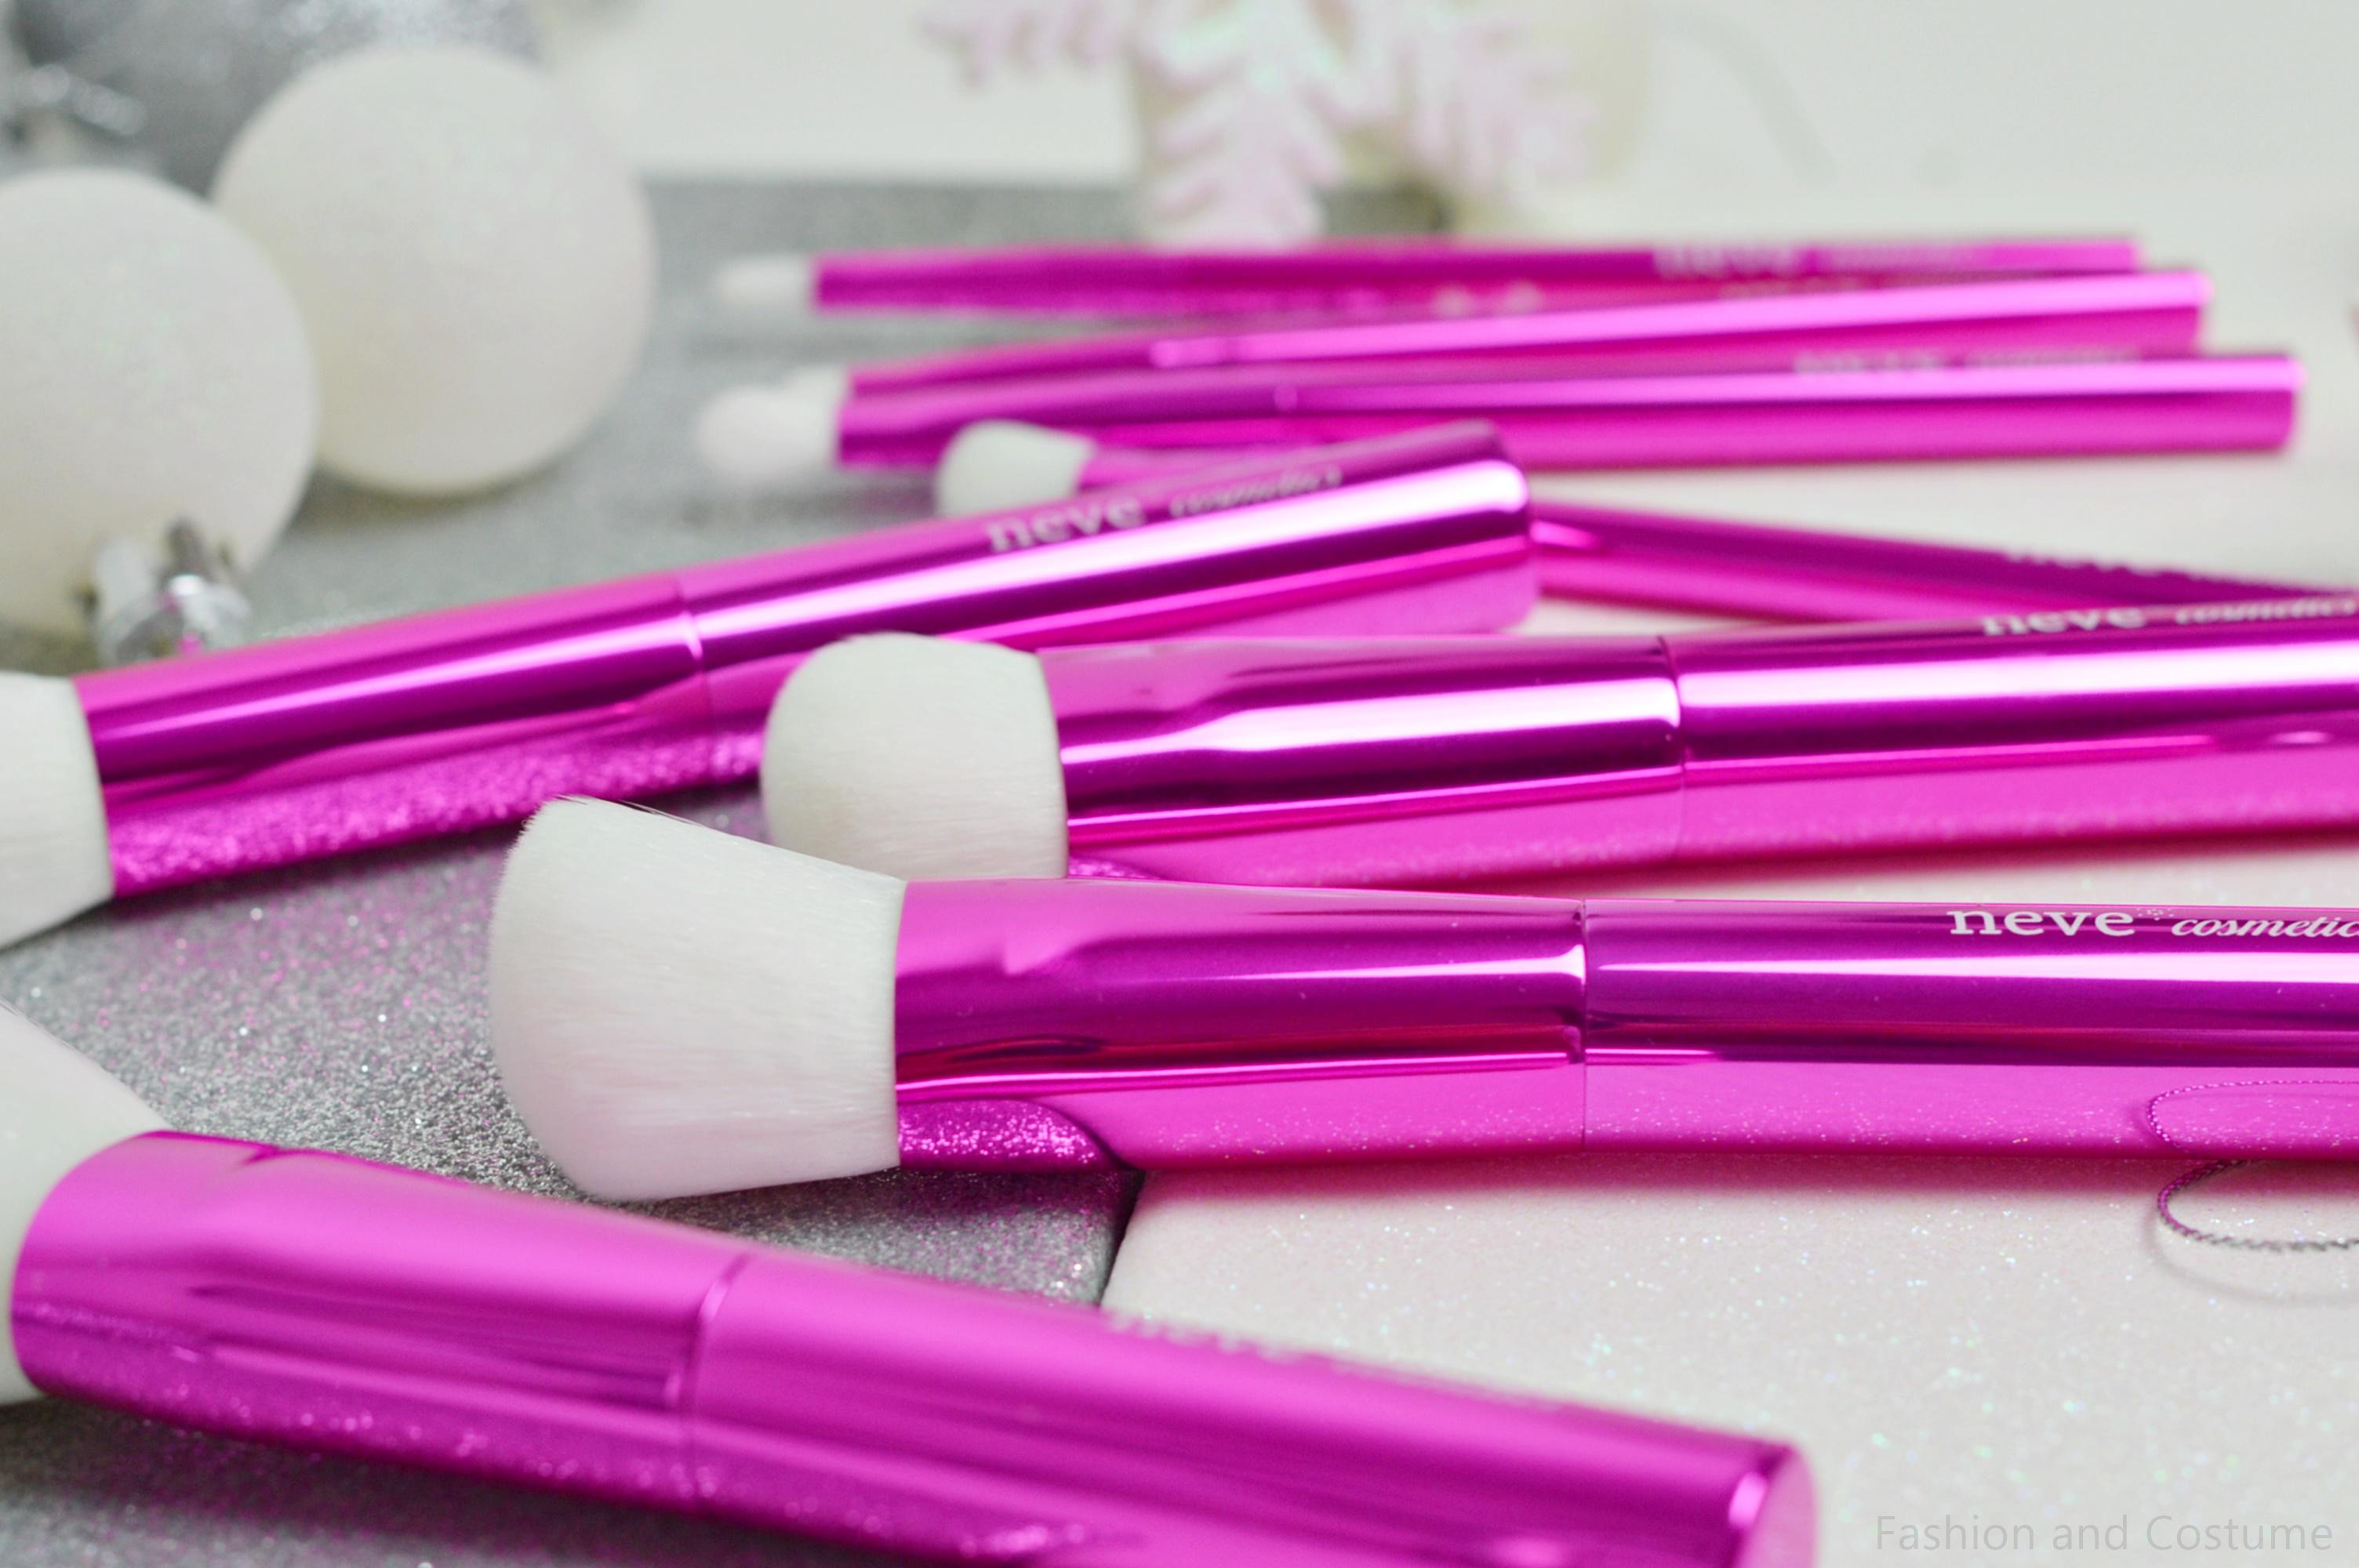 azalea-brushes-7